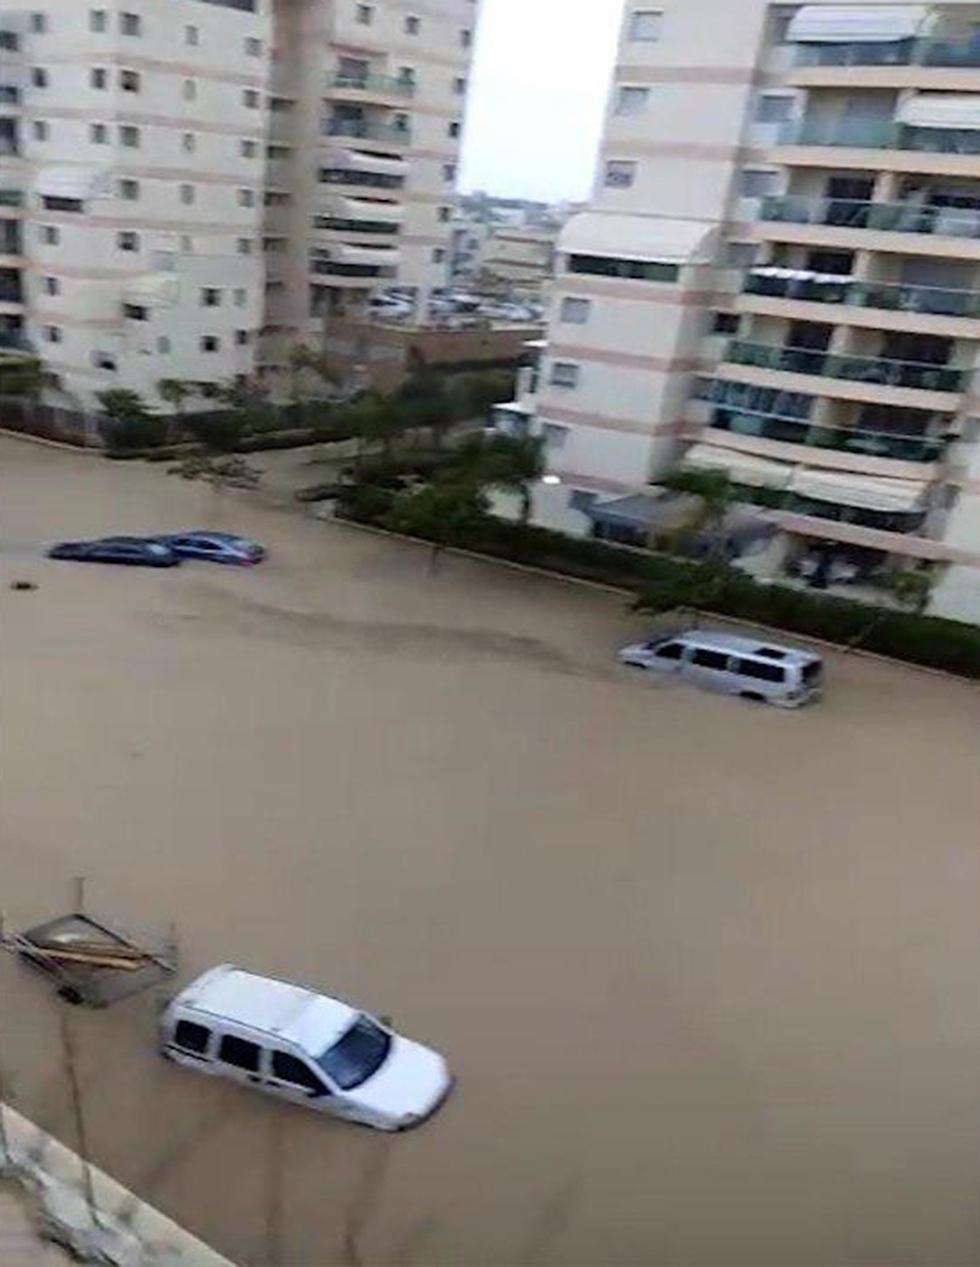 Floods in Ashkelon